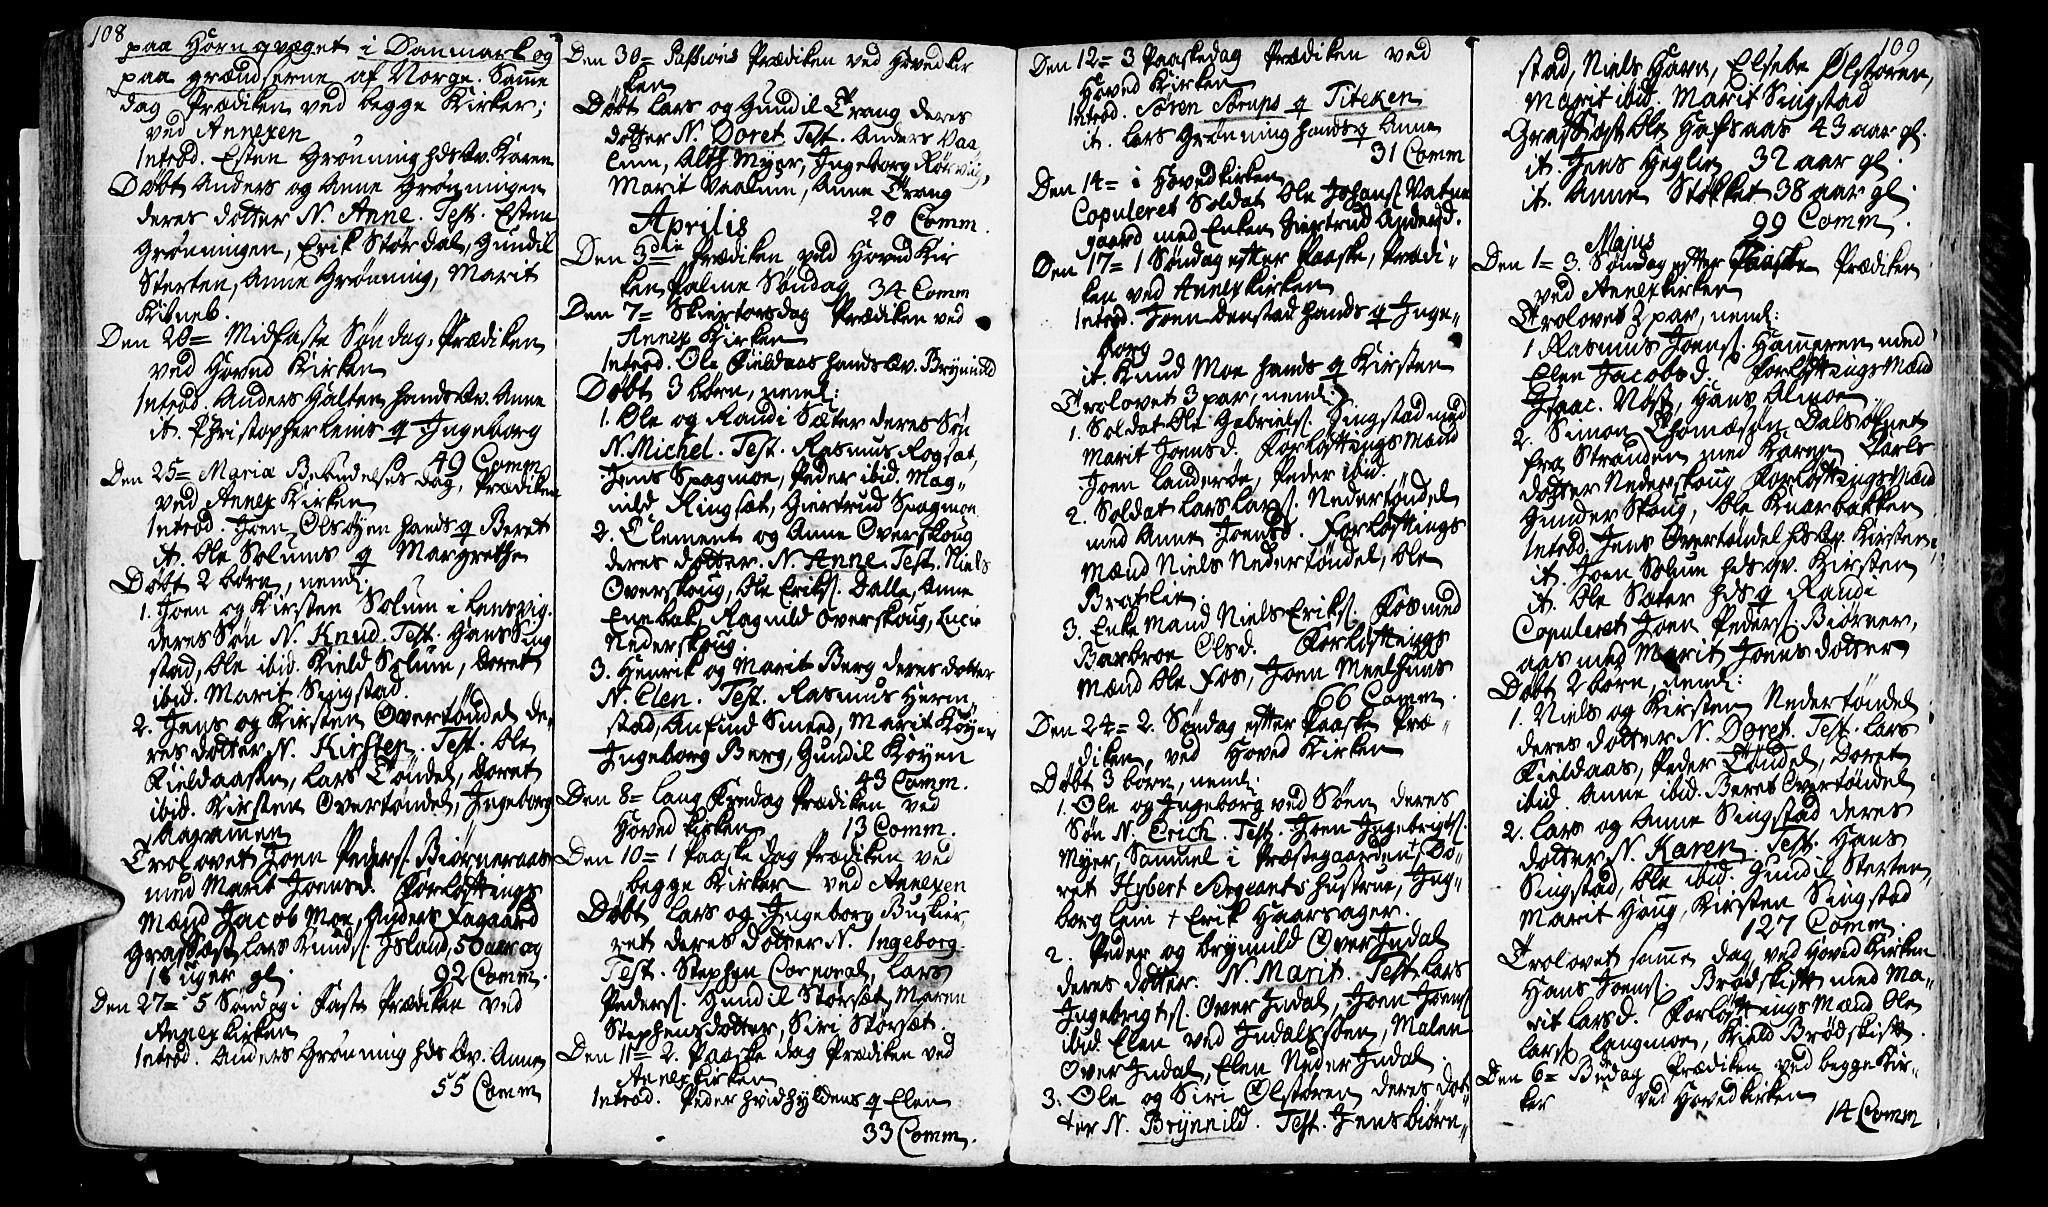 SAT, Ministerialprotokoller, klokkerbøker og fødselsregistre - Sør-Trøndelag, 646/L0604: Ministerialbok nr. 646A02, 1735-1750, s. 108-109